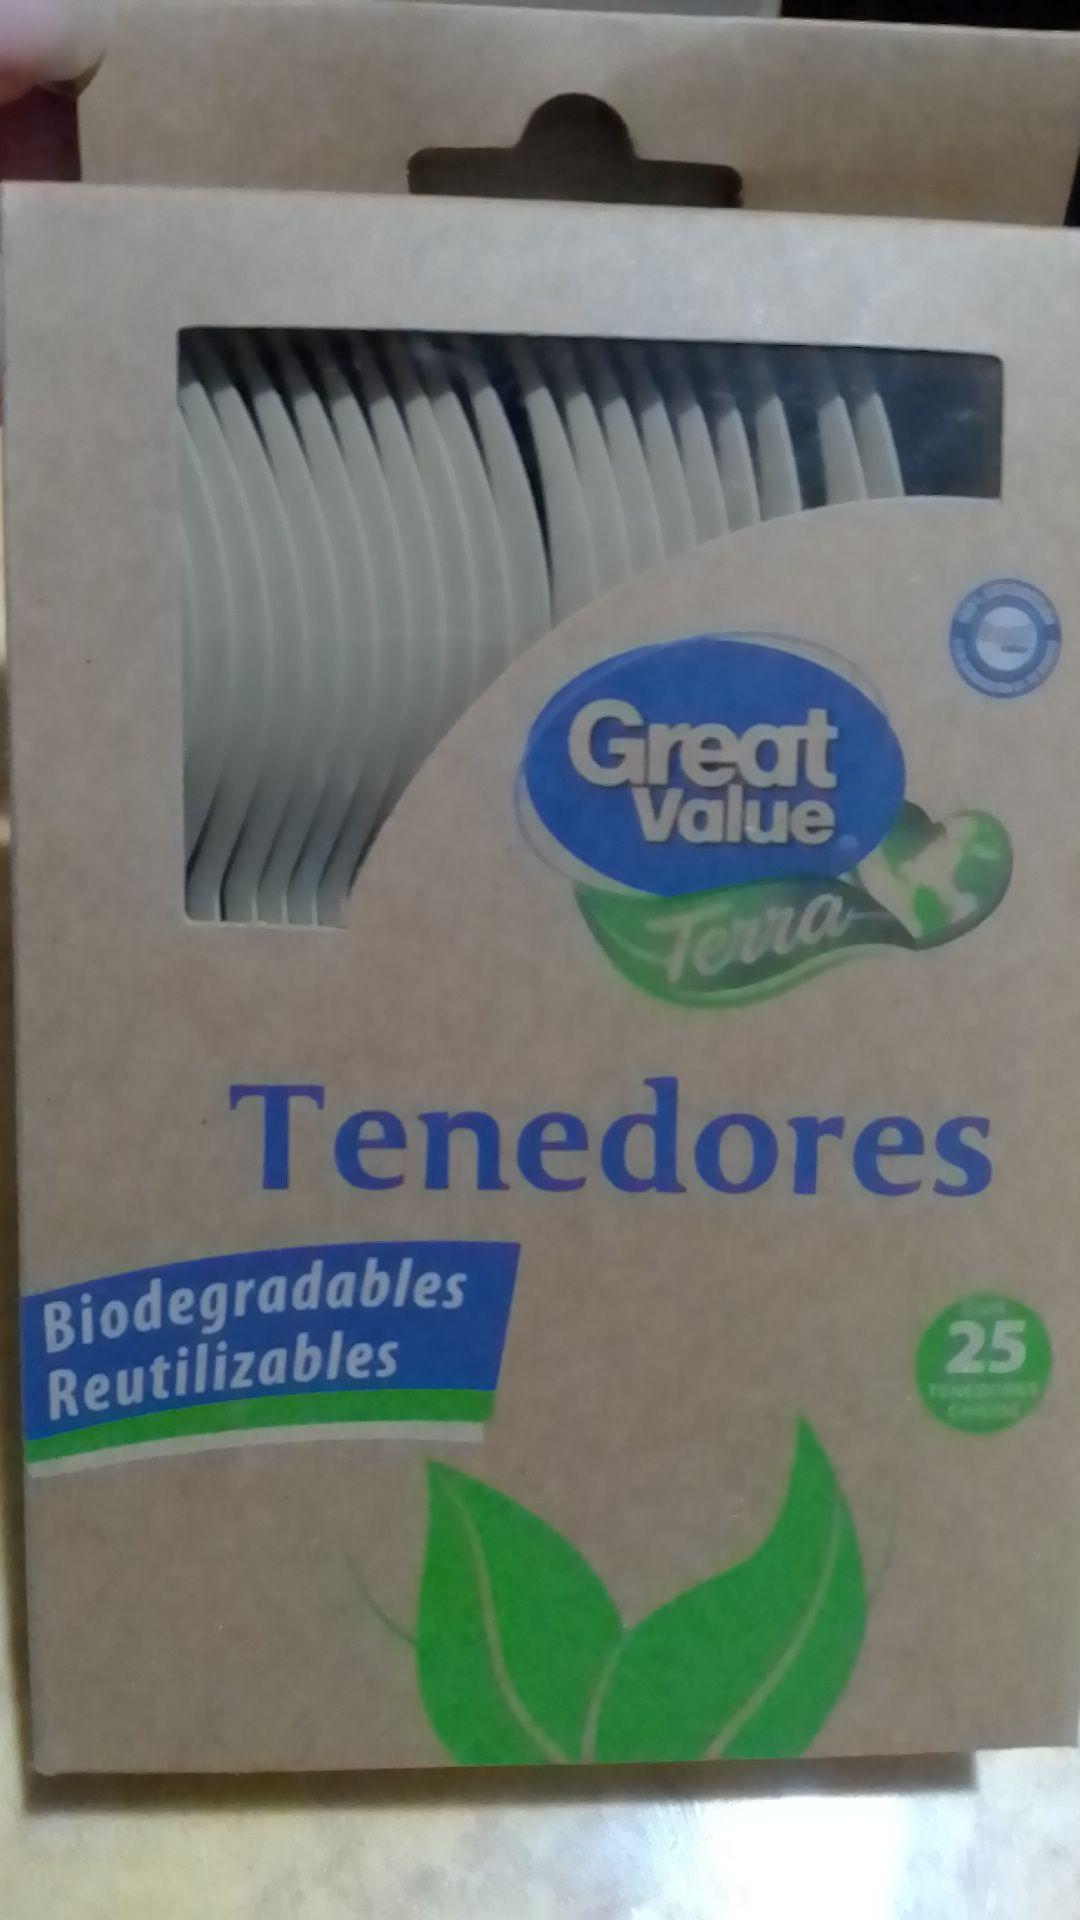 Bodega Aurrera: REMATE de tenedores biodegradables